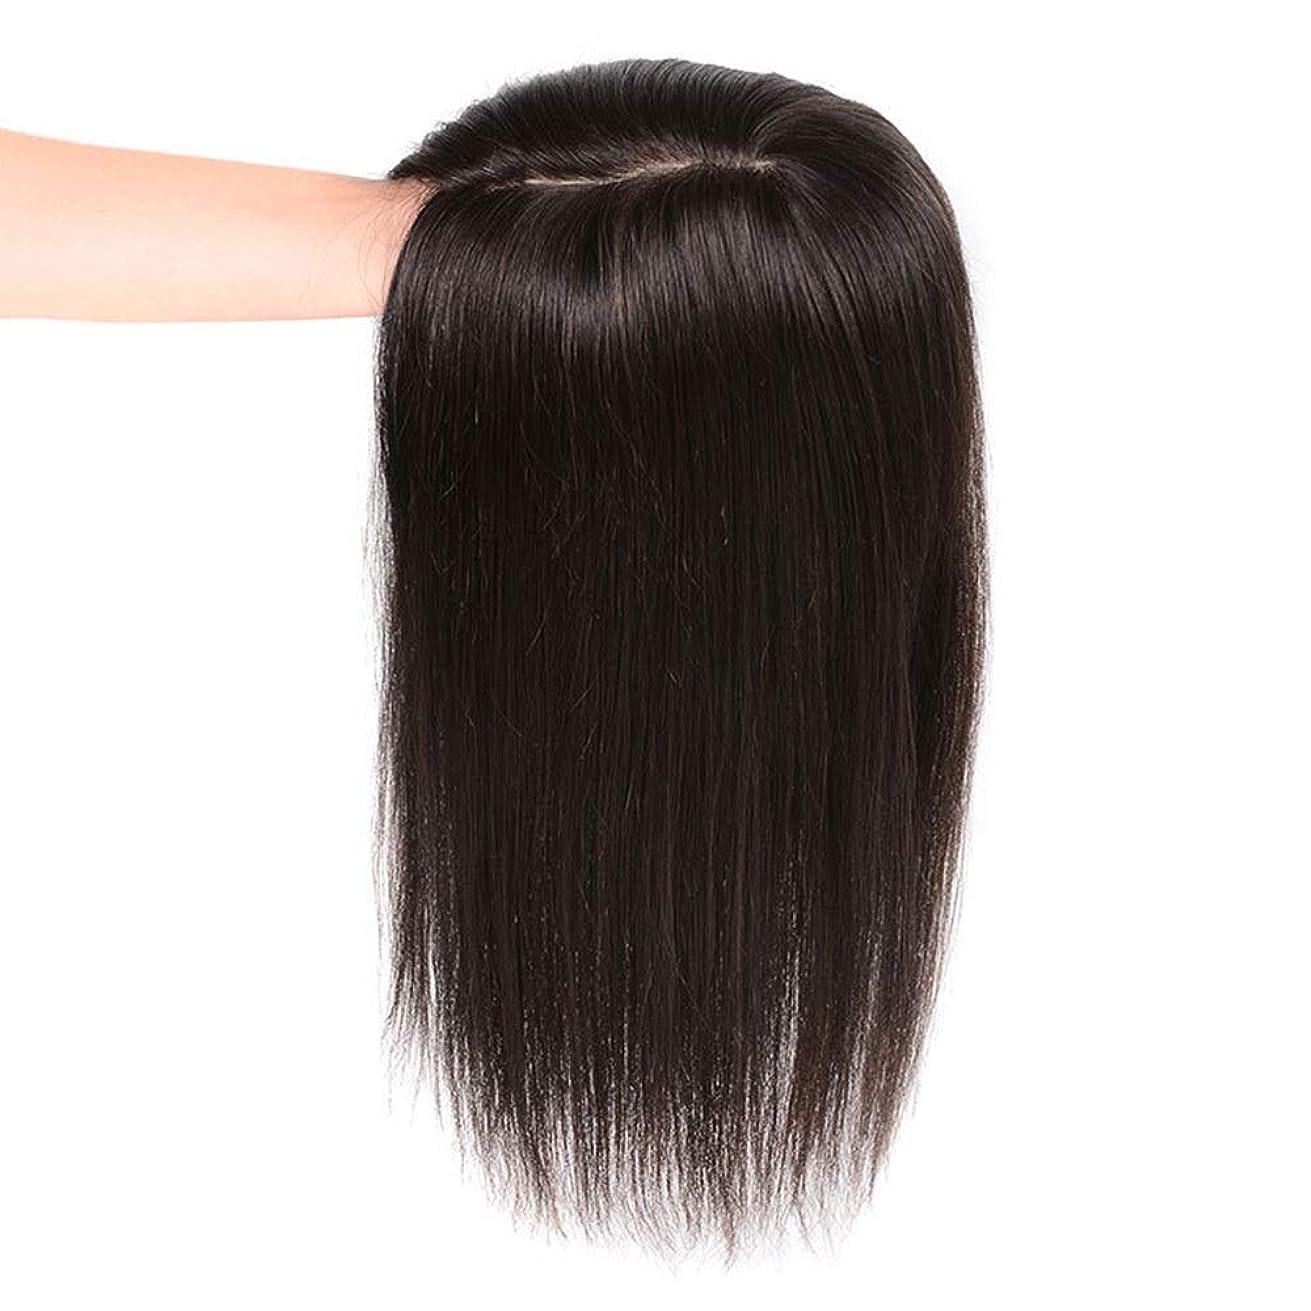 挨拶閉塞大人BOBIDYEE 女性のための3Dハンドニードルリアルヘアウィッグナチュラルヘアエクステンションホワイトヘアパーティーウィッグ (Color : Natural black, サイズ : [7x10]30cm)